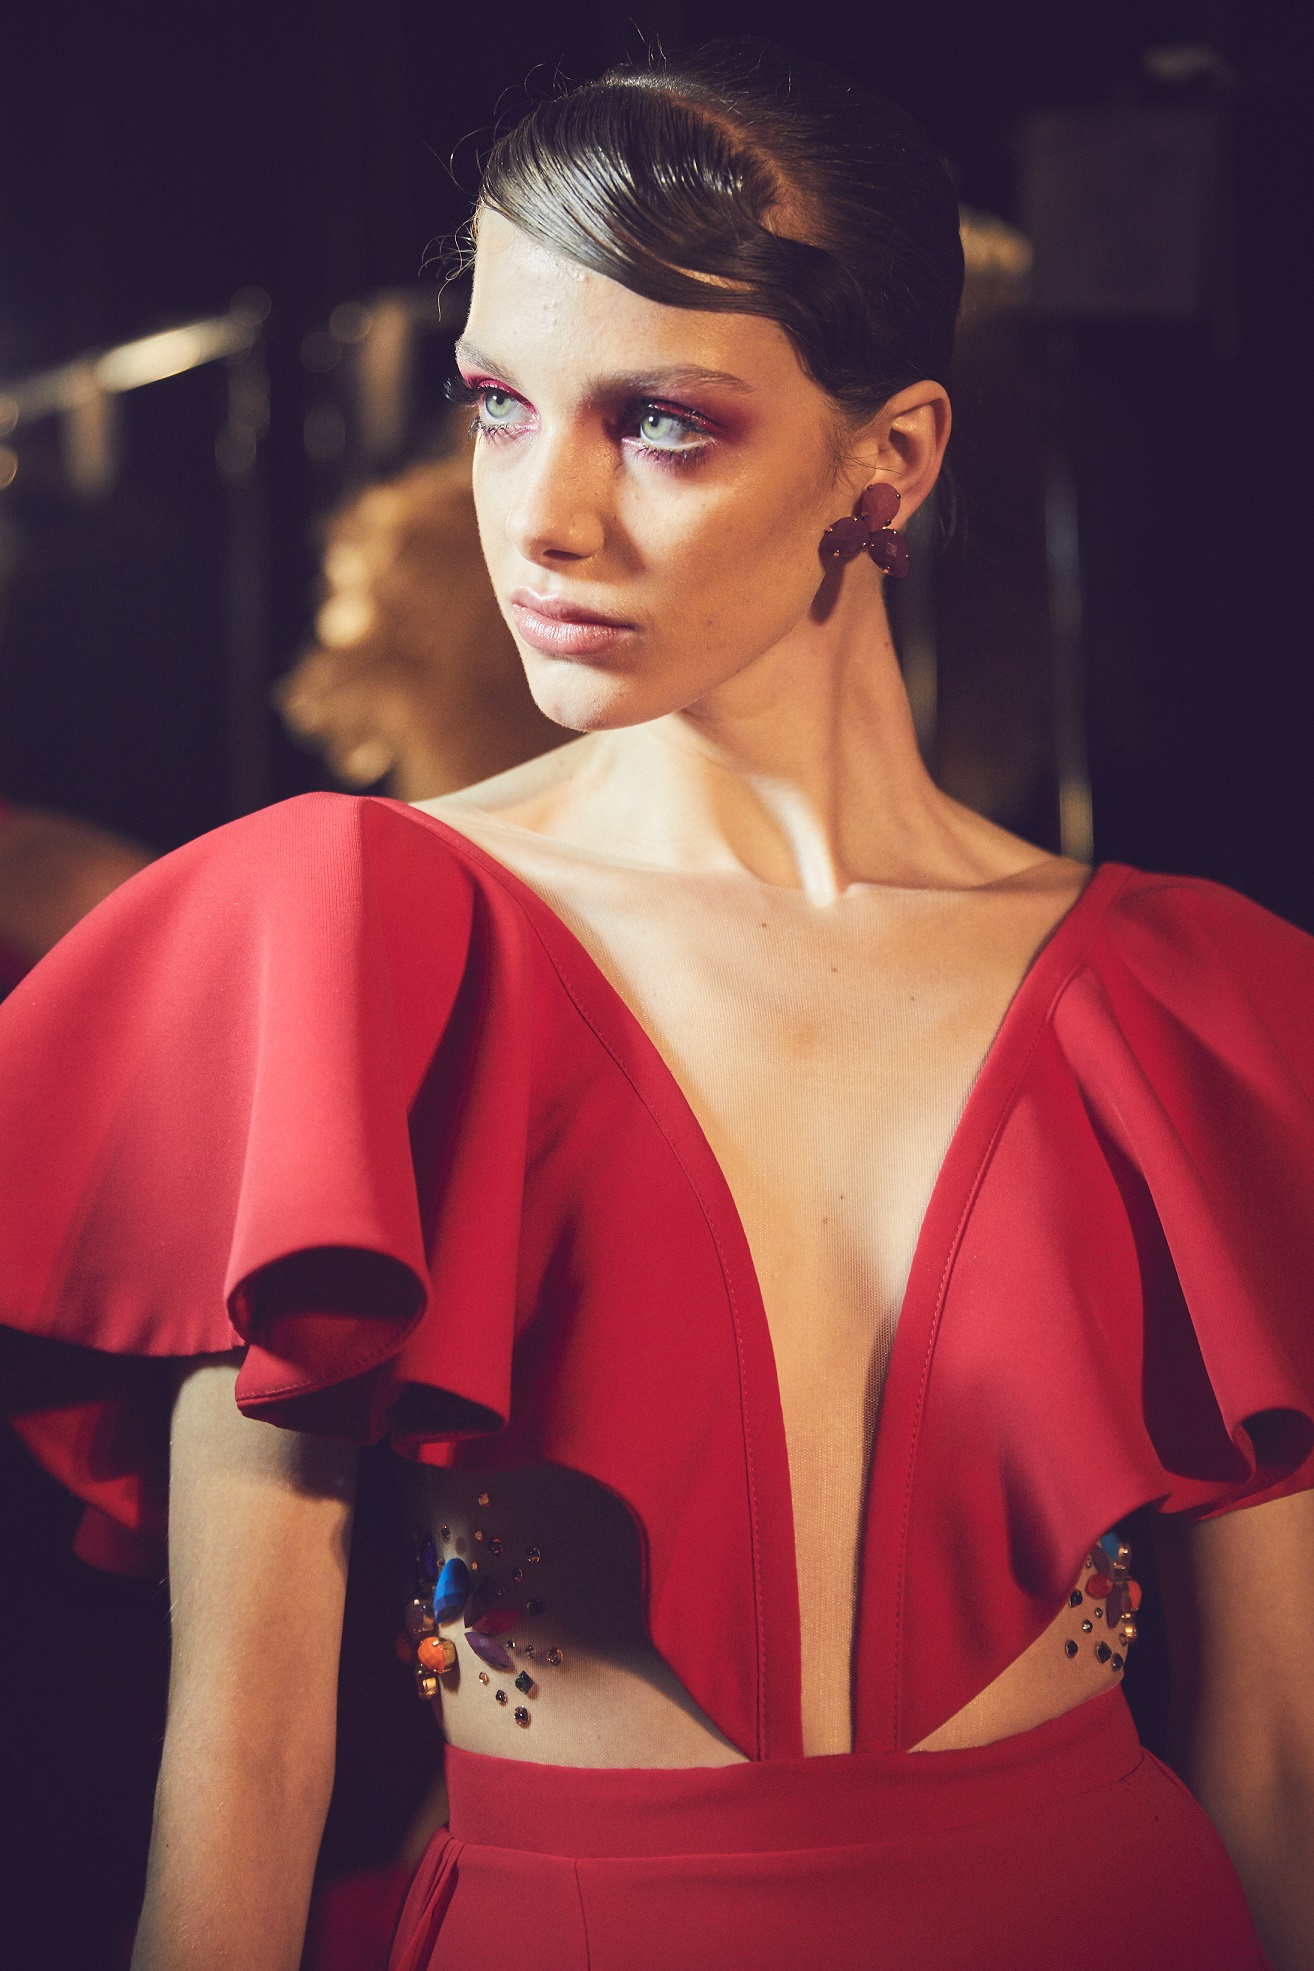 תצוגת אופנה דרור קונטנטו צילום לירון ויסמן (168).jpg